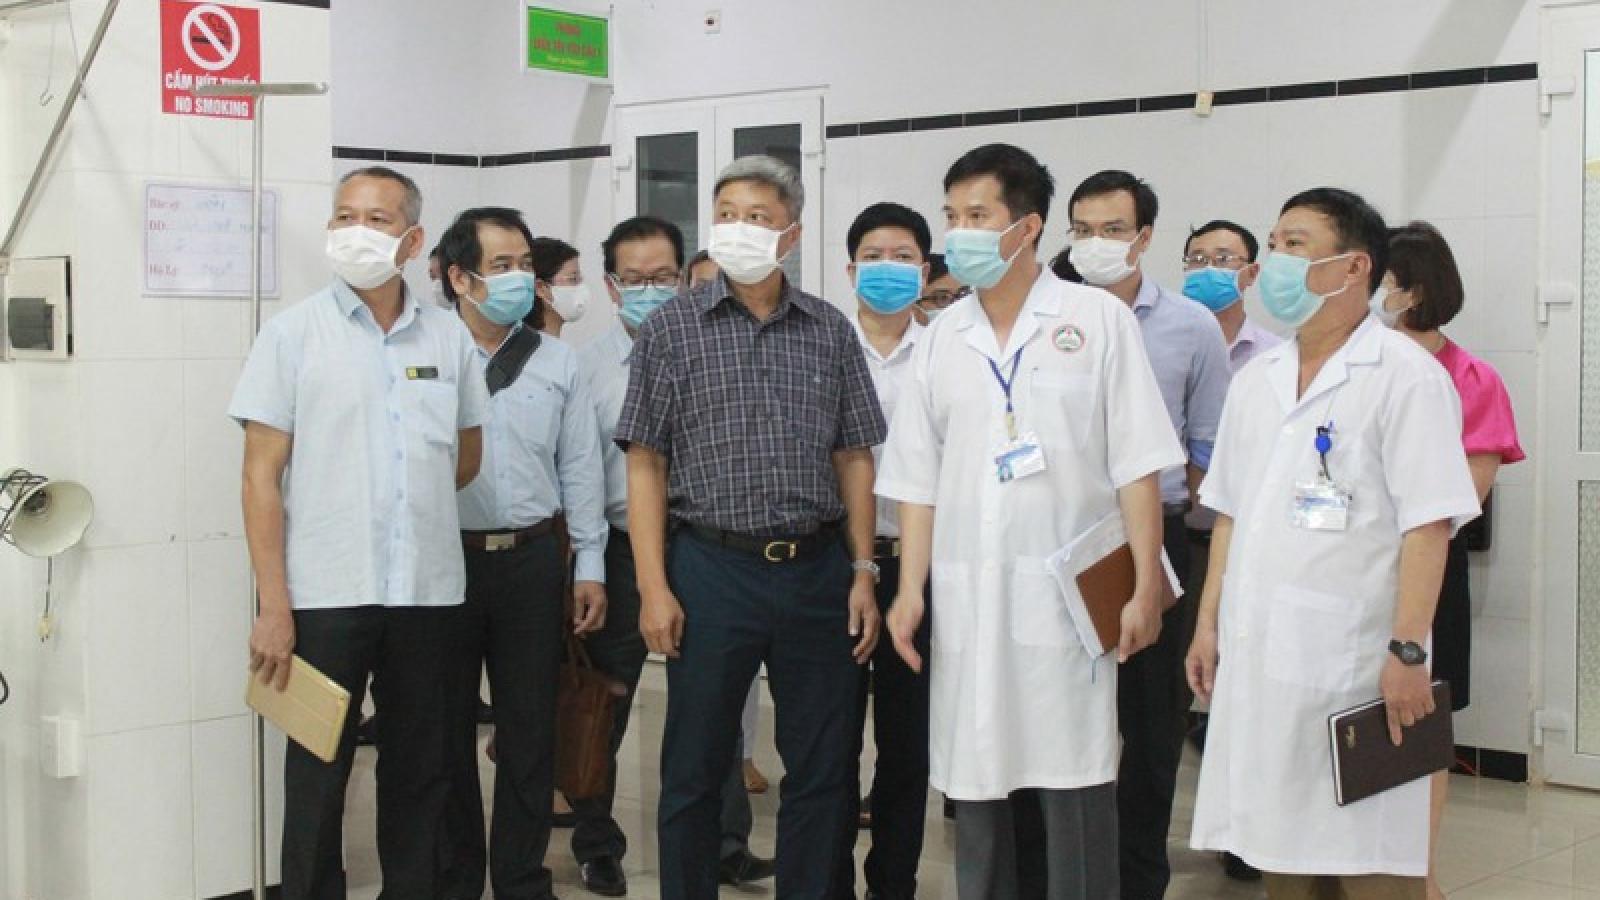 Bộ Y tế nhấn mạnh vai trò của BVĐK vùng Tây Nguyên trong chống dịch